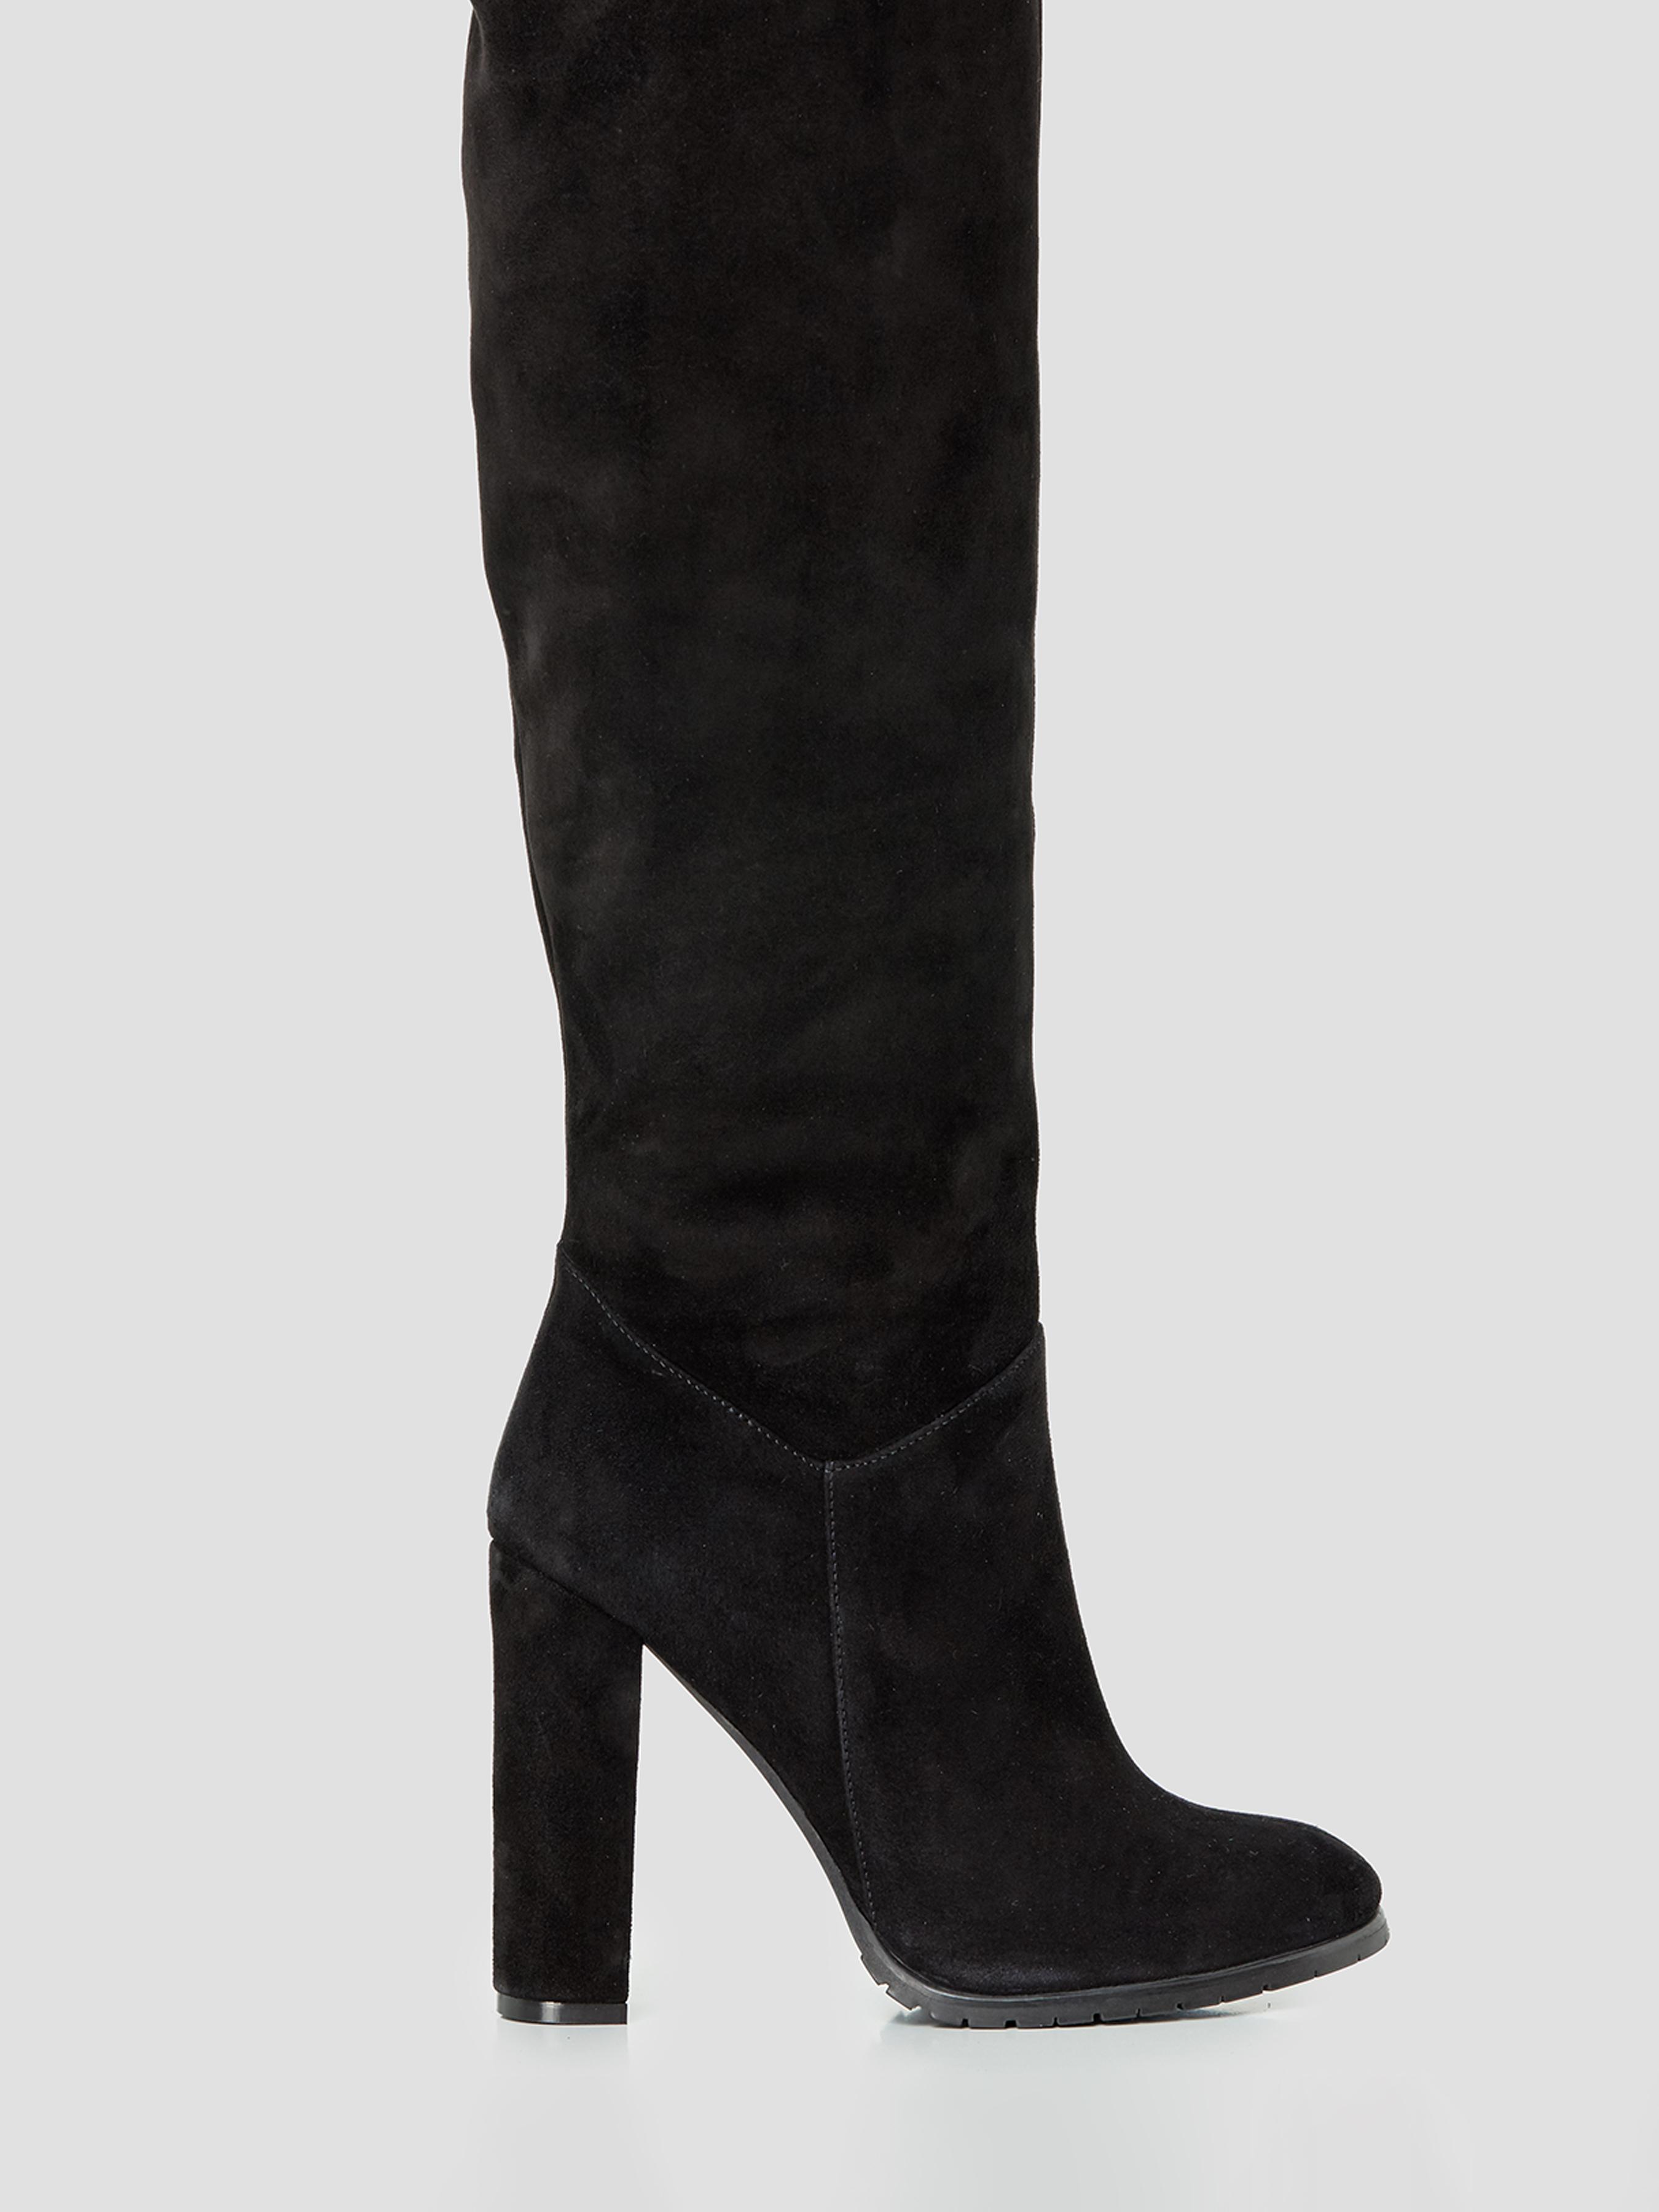 Купить Сапоги женские Зимние сапоги из велюра на устойчивом каблуке SP005VE1EVRM91, Natali Bolgar, Черный